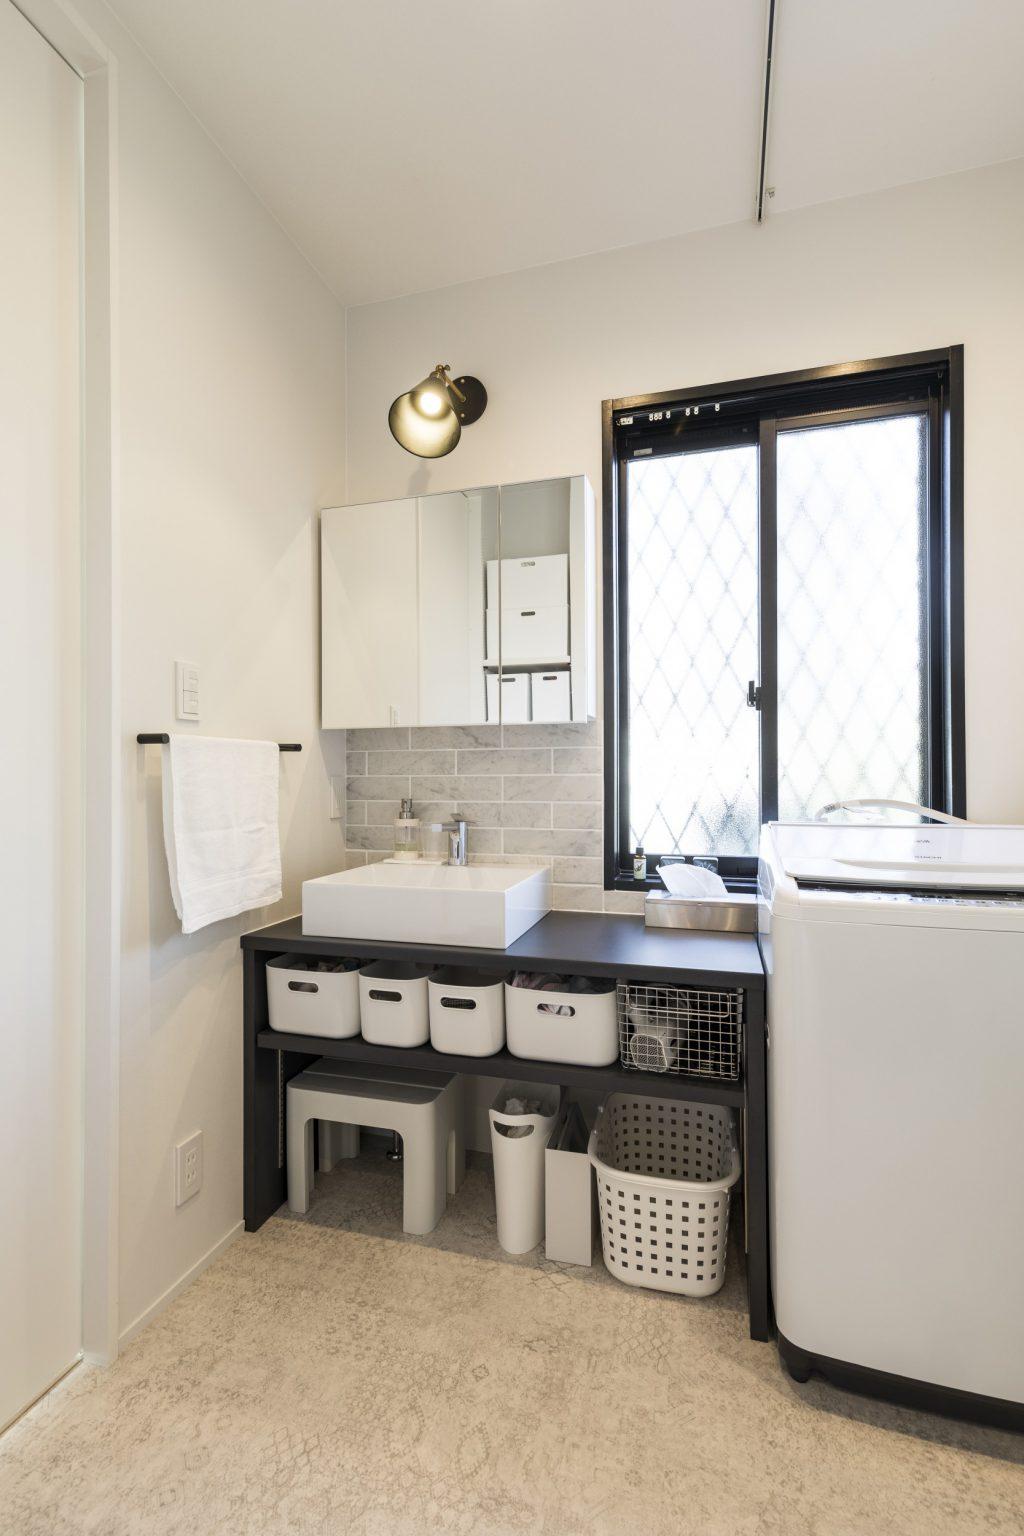 岐阜市A様邸のリノベーション事例の洗面室